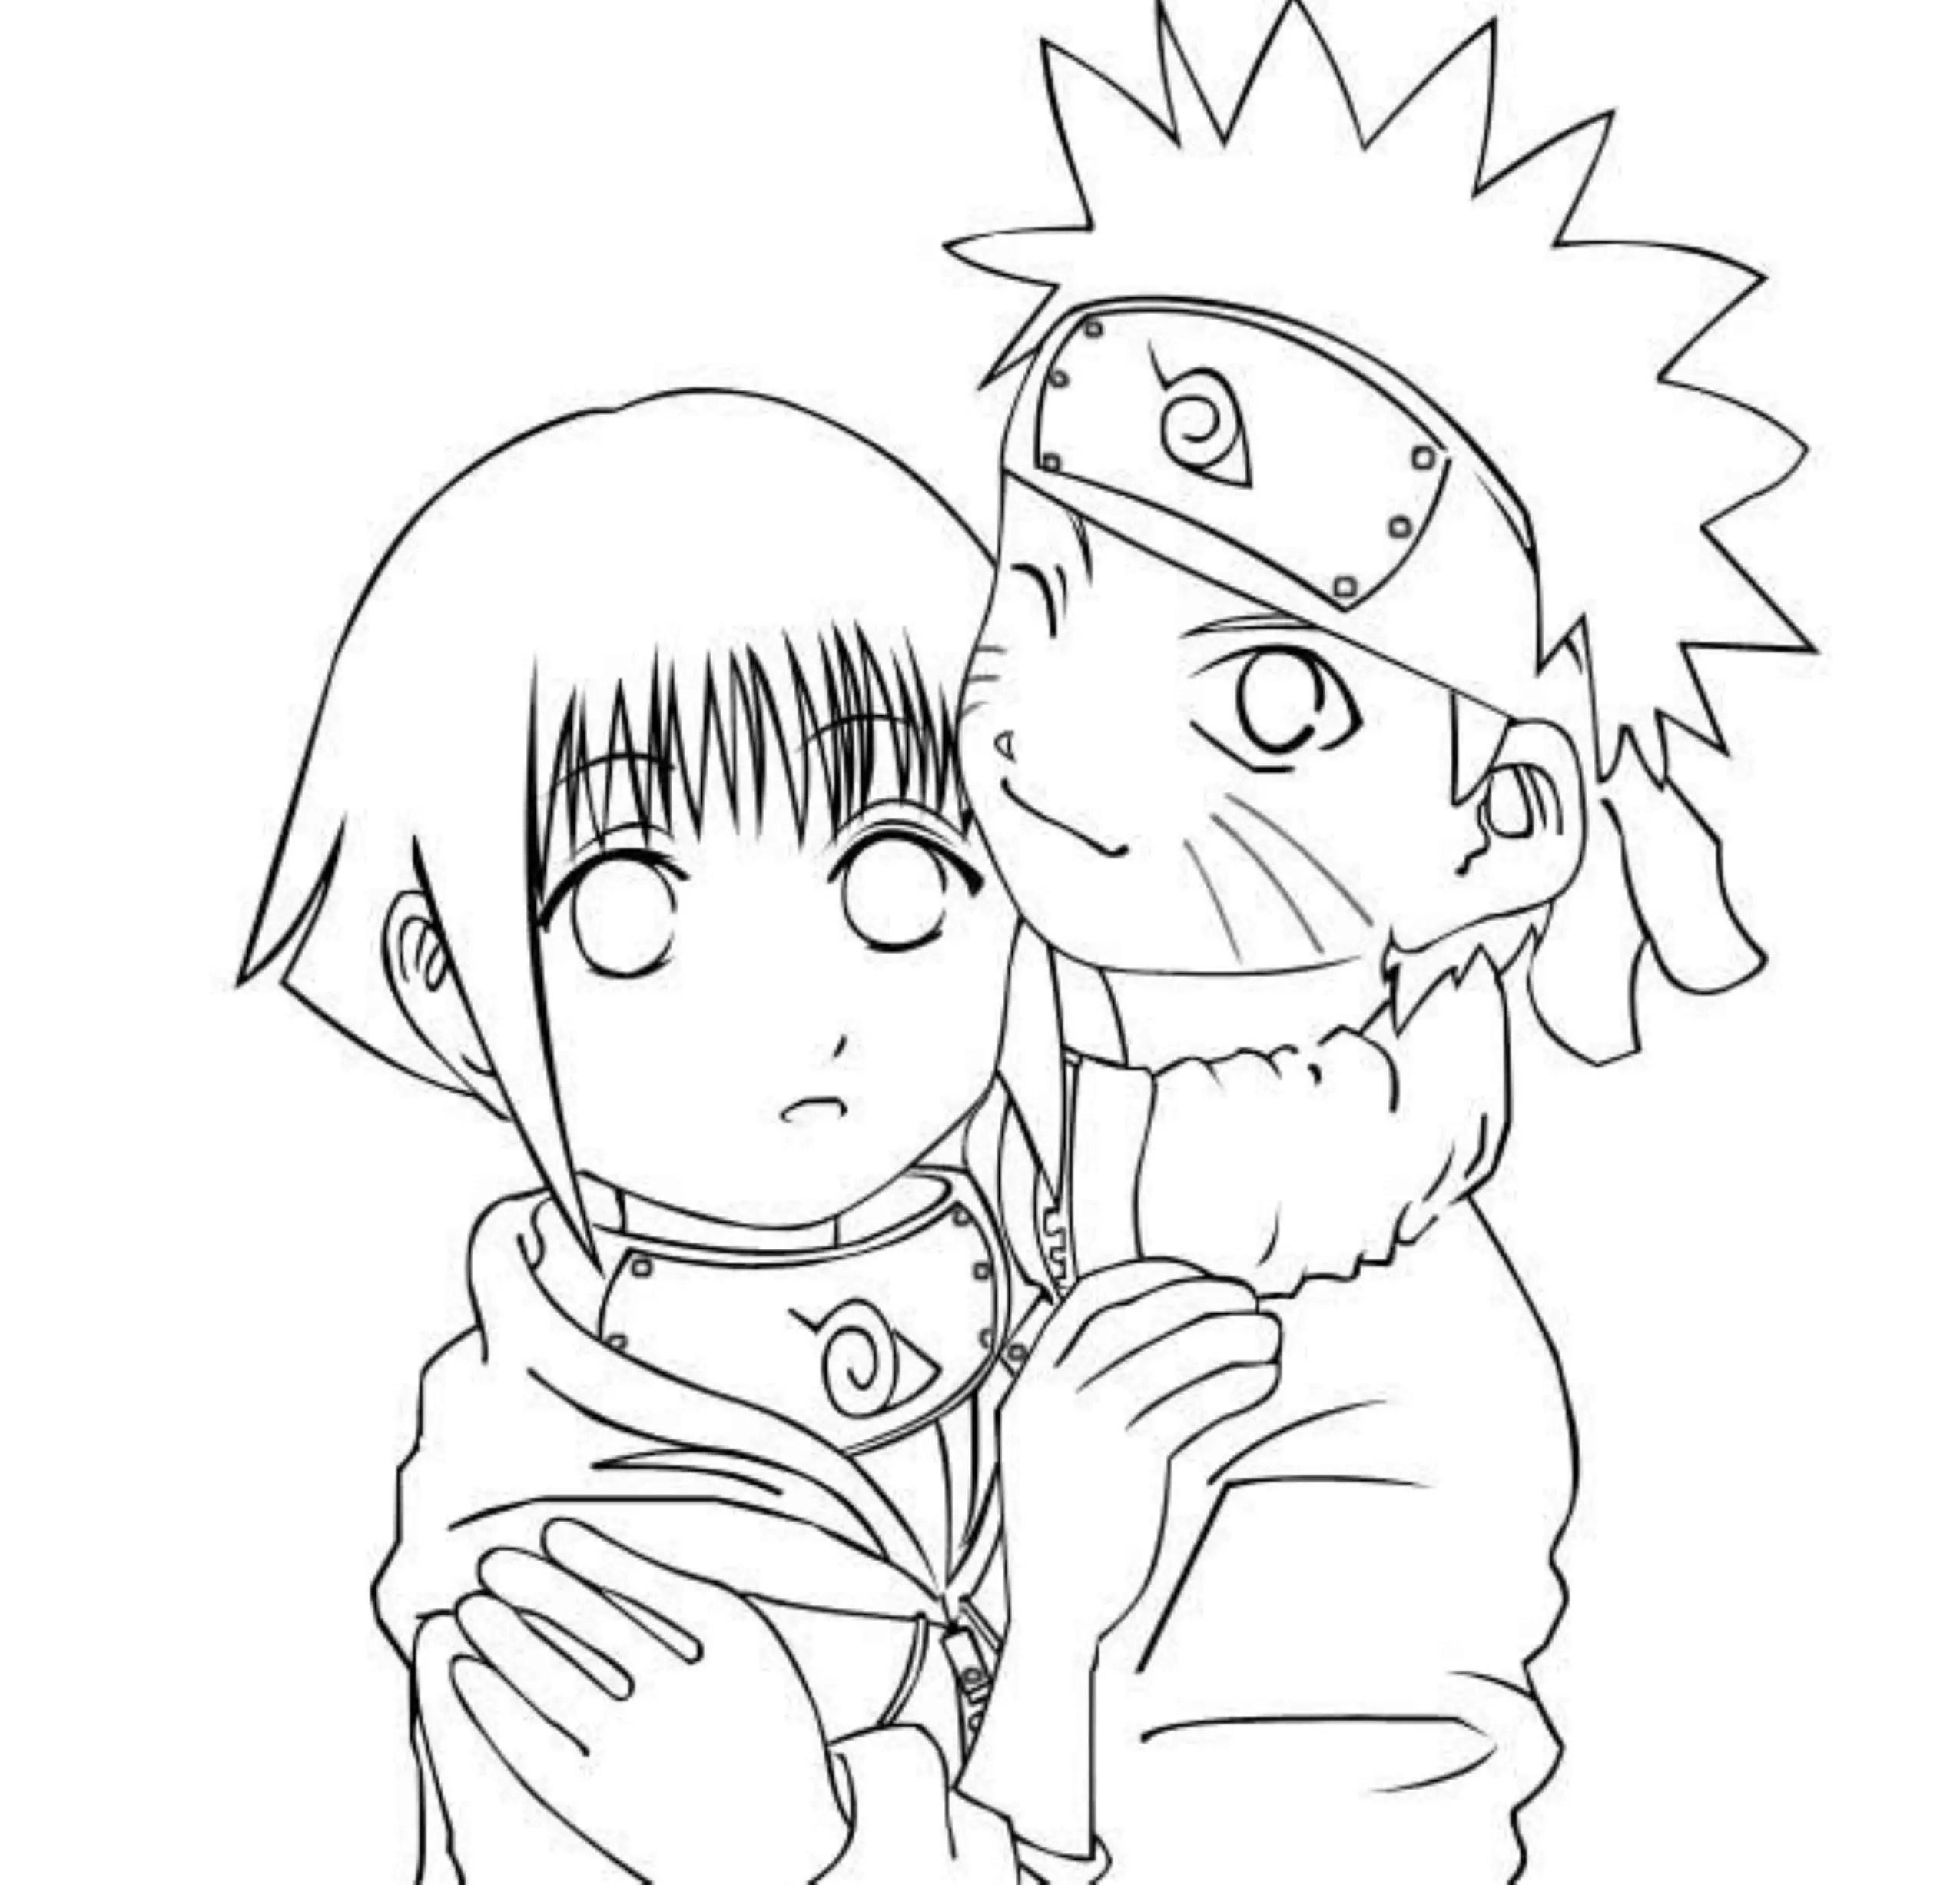 Naruto And Hinata Coloring Pages